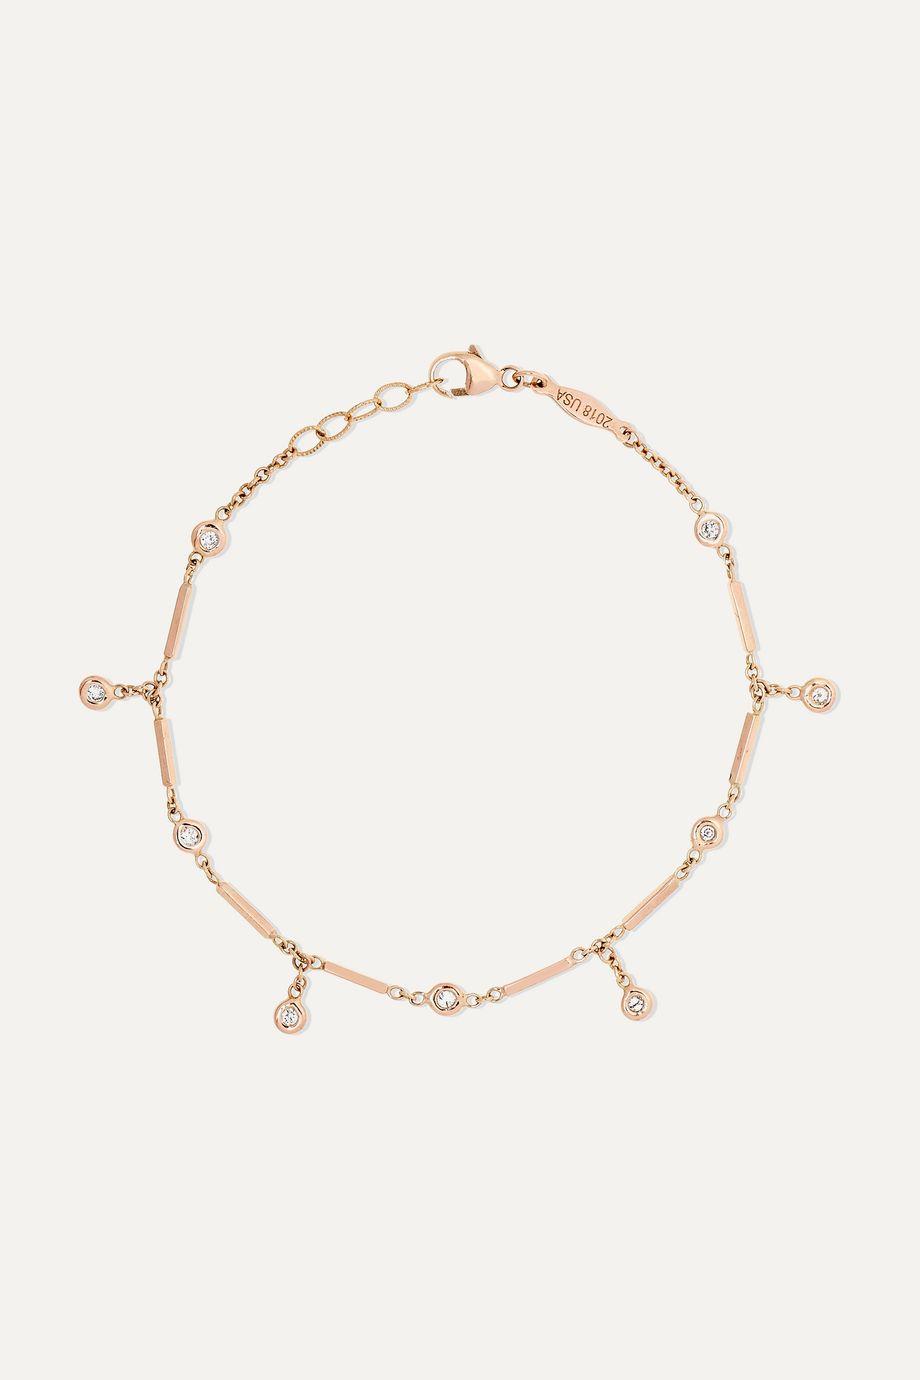 Jacquie Aiche 14-karat rose gold diamond bracelet